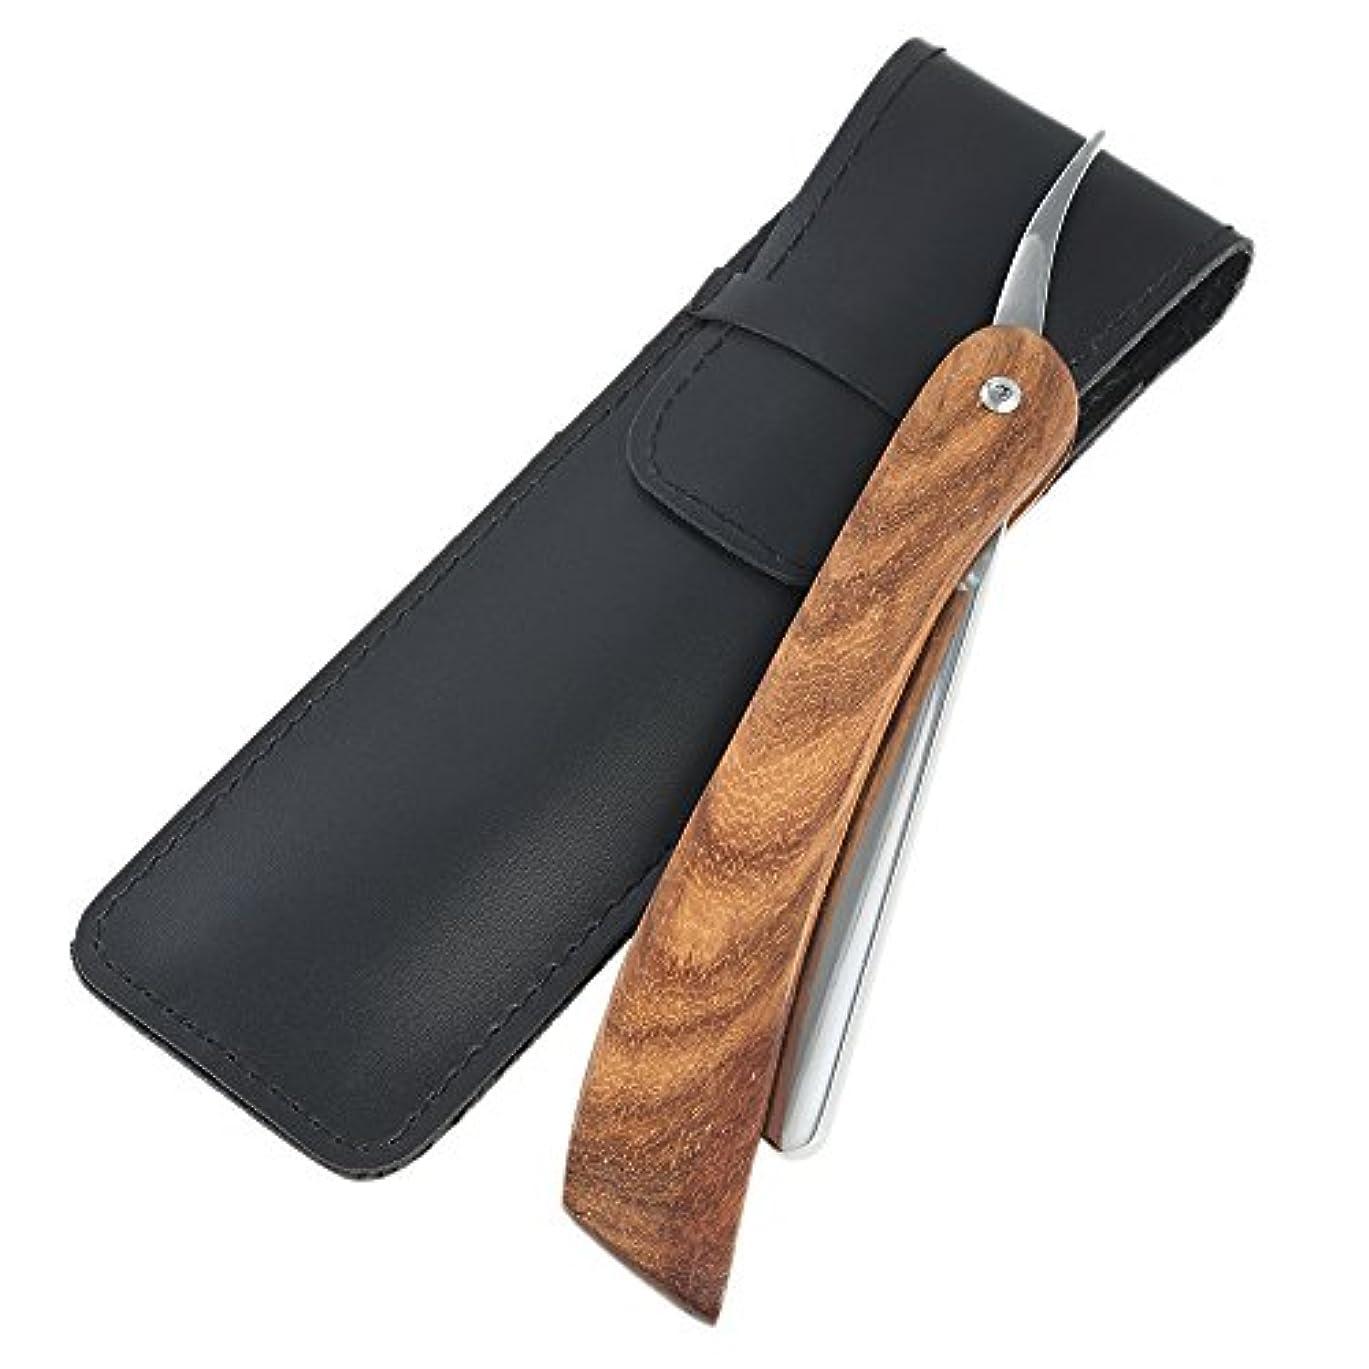 ウェイター最小化する縮れた理容カミソリ ヴィンテージ木製ハンドル 折りたたみナイフ クラシックサロンの理髪師ストレートスロートシェービング剃刀シェービングヘアカットツール